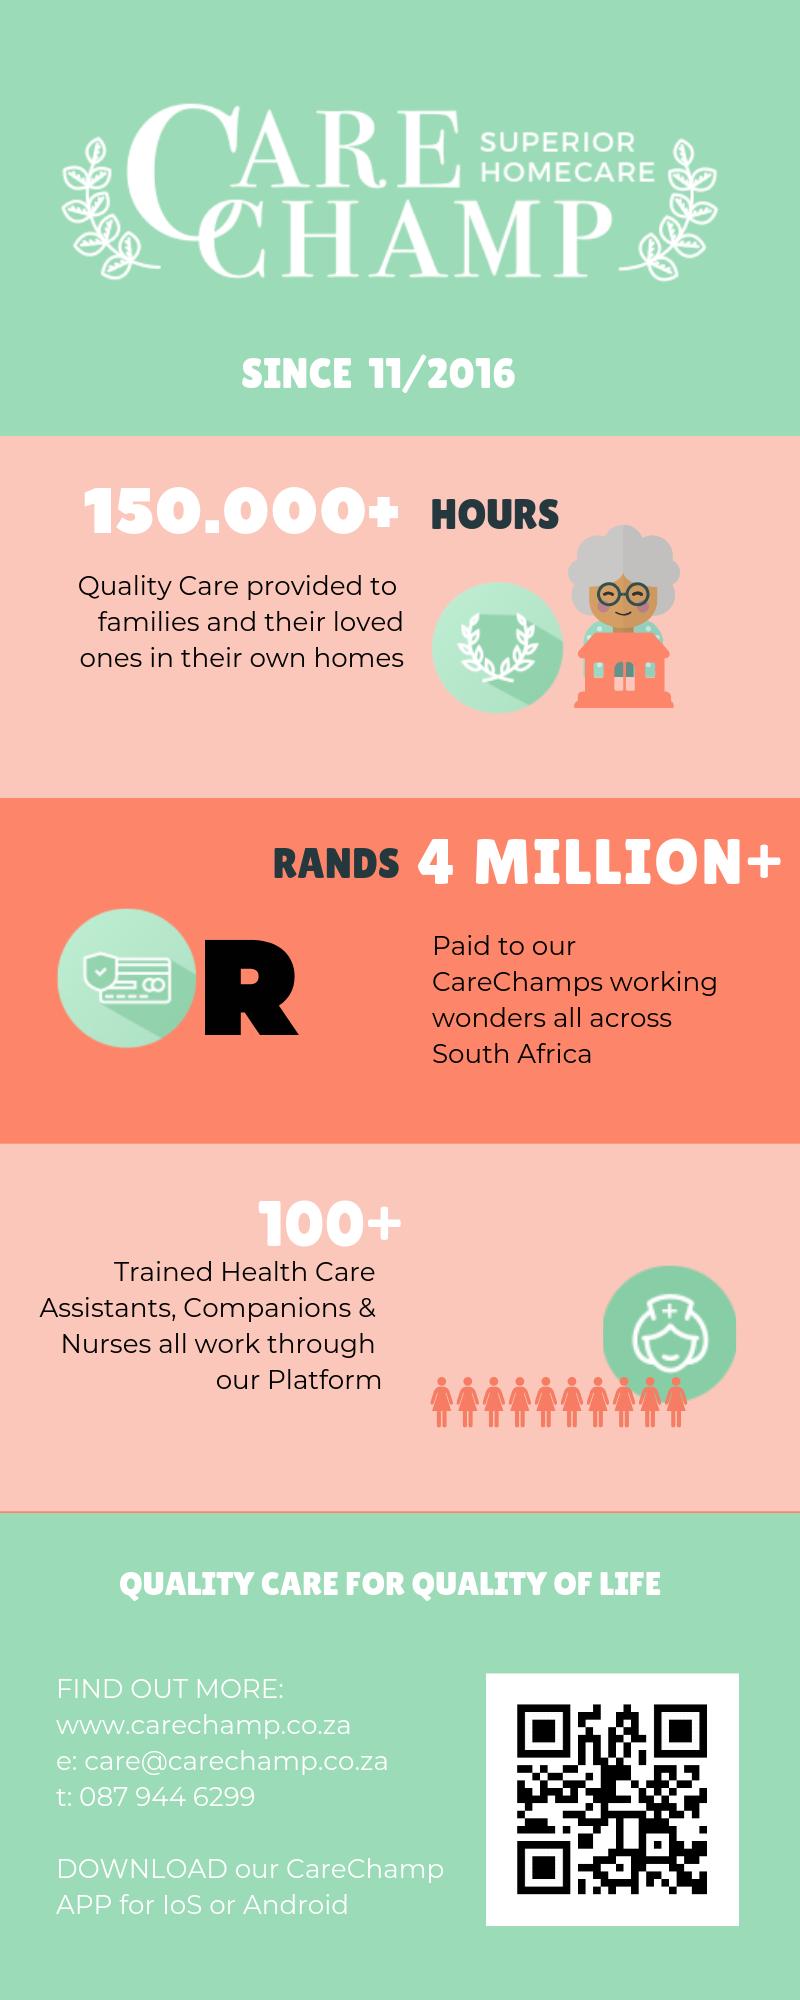 CARECHAMP_job creation.png